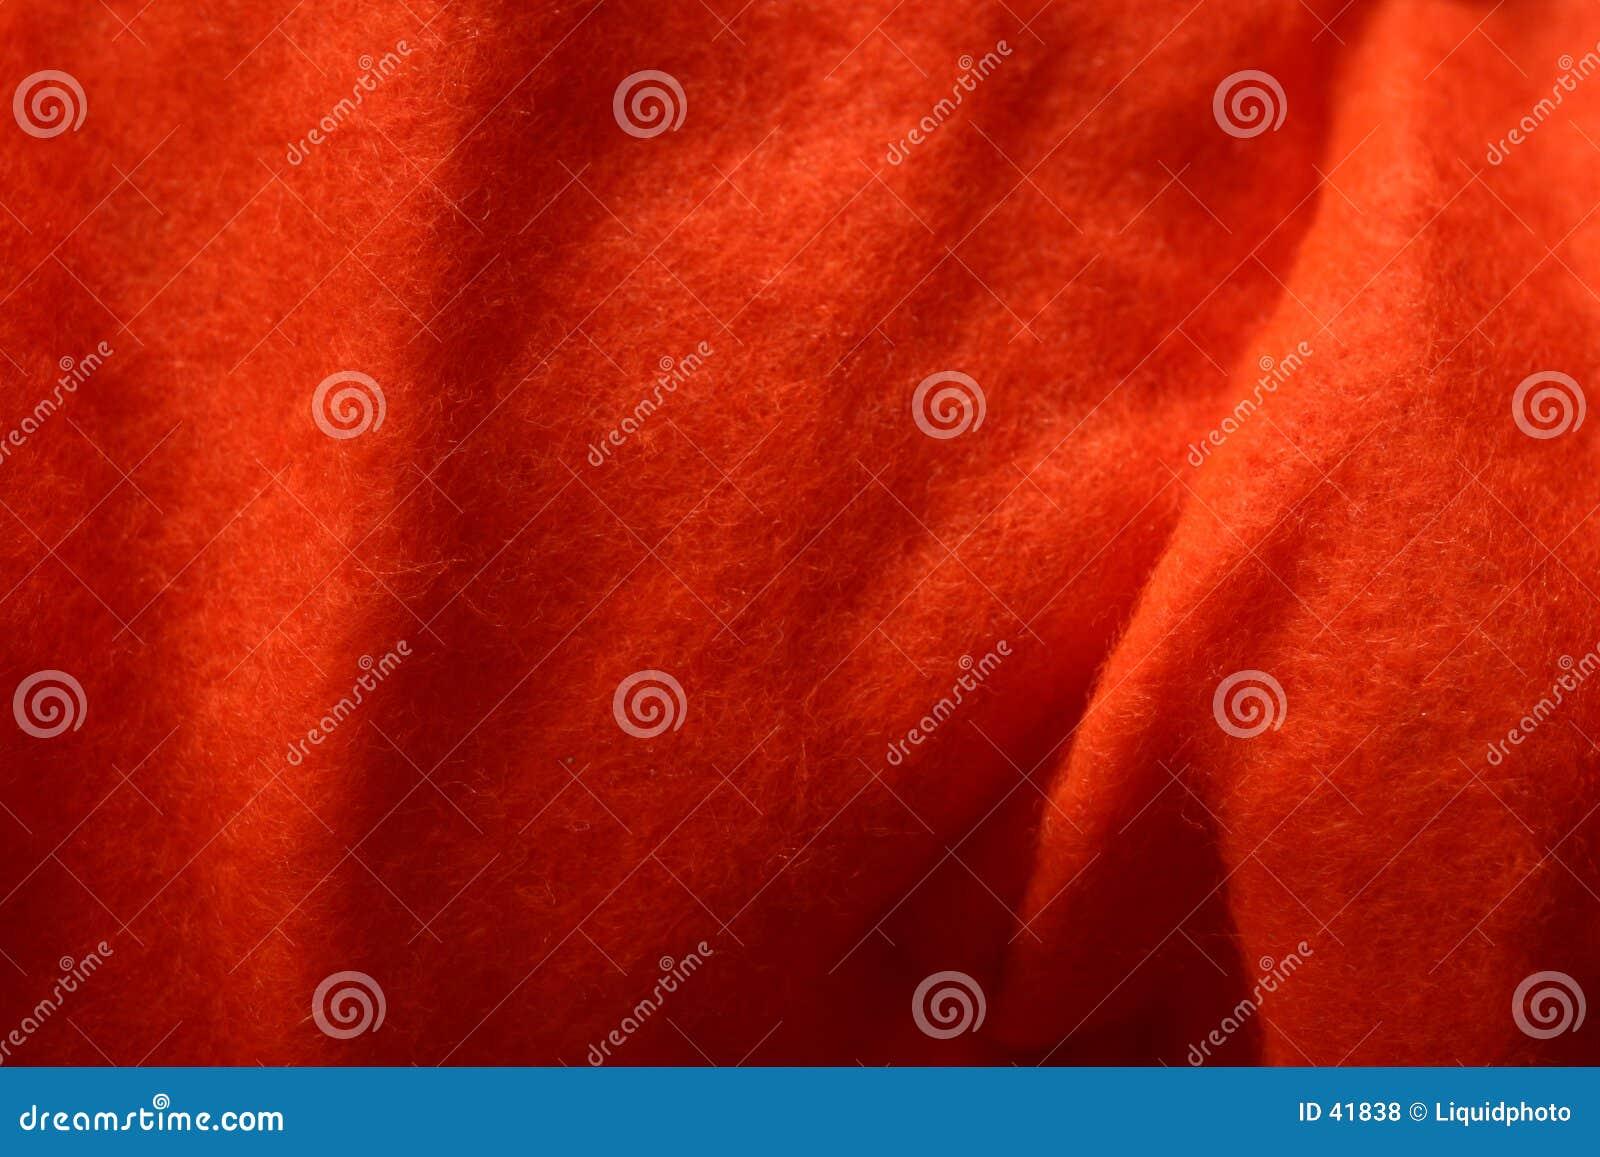 1 menade orange textur